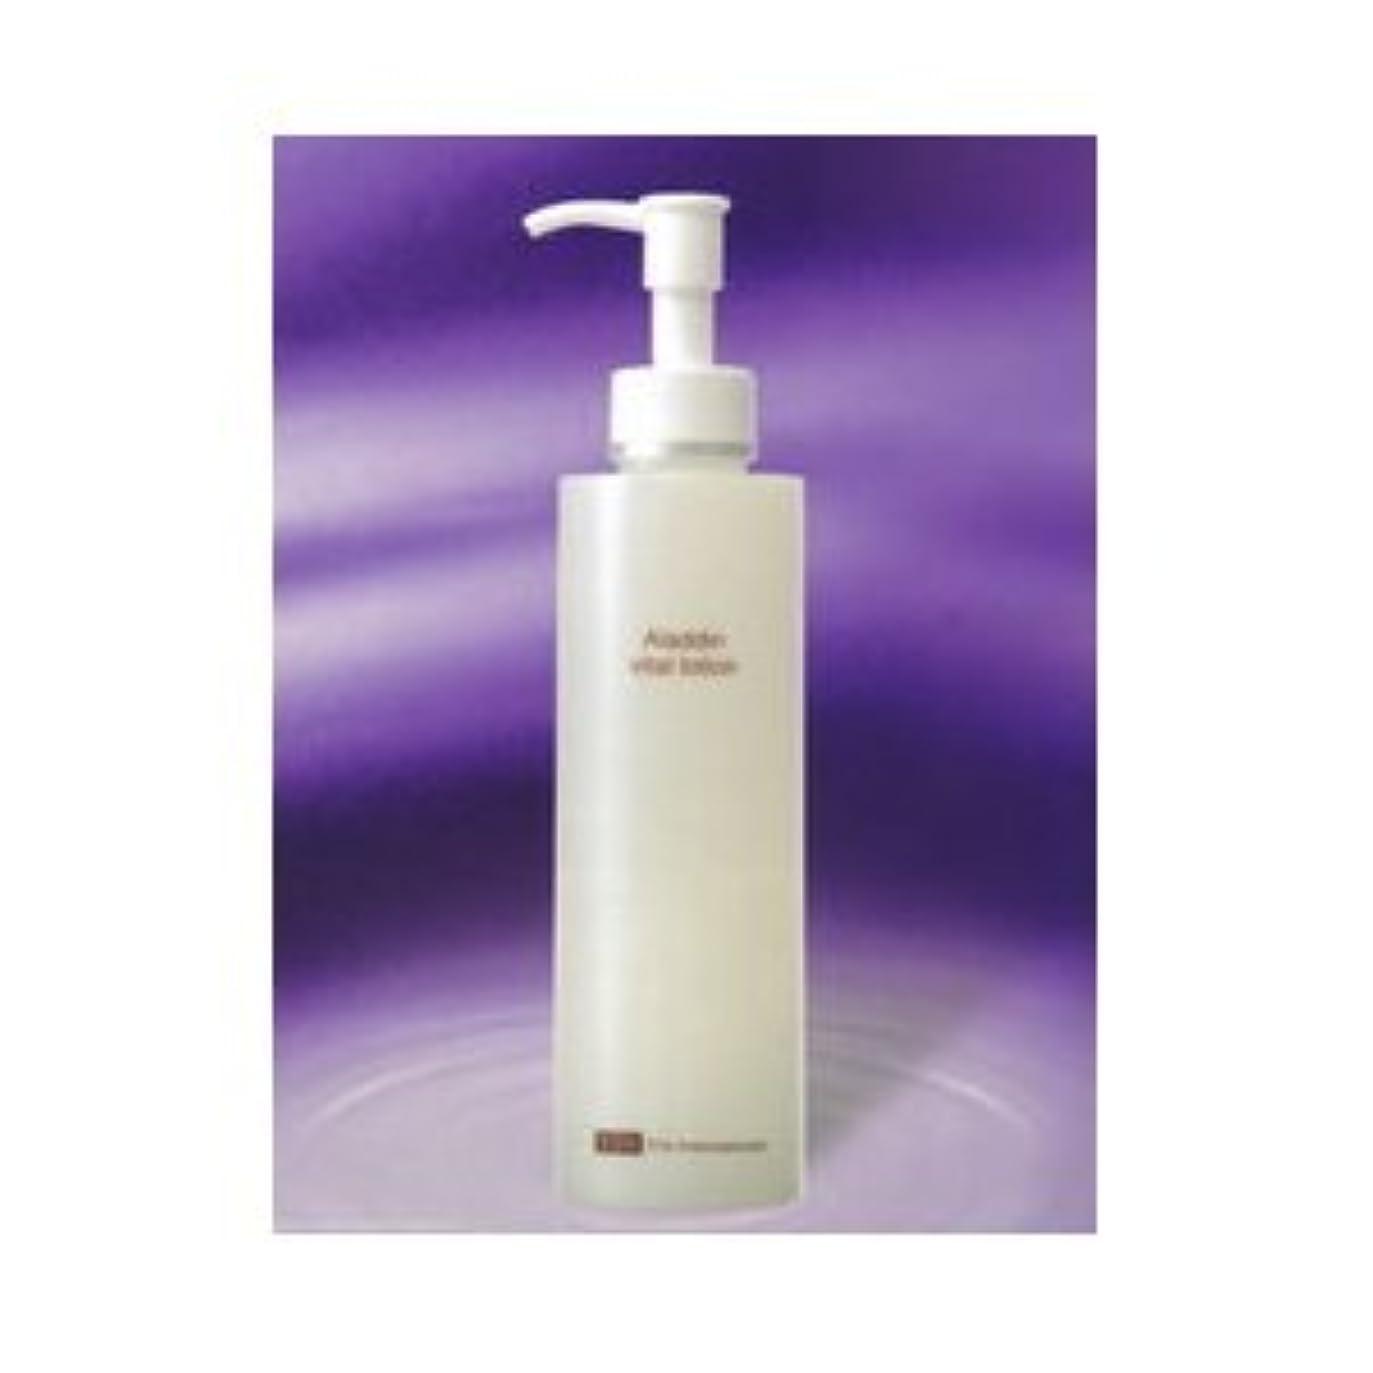 忘れられない暗黙蒸発イオニート バイタルローション 保湿化粧水 200ml アラジンシリーズ